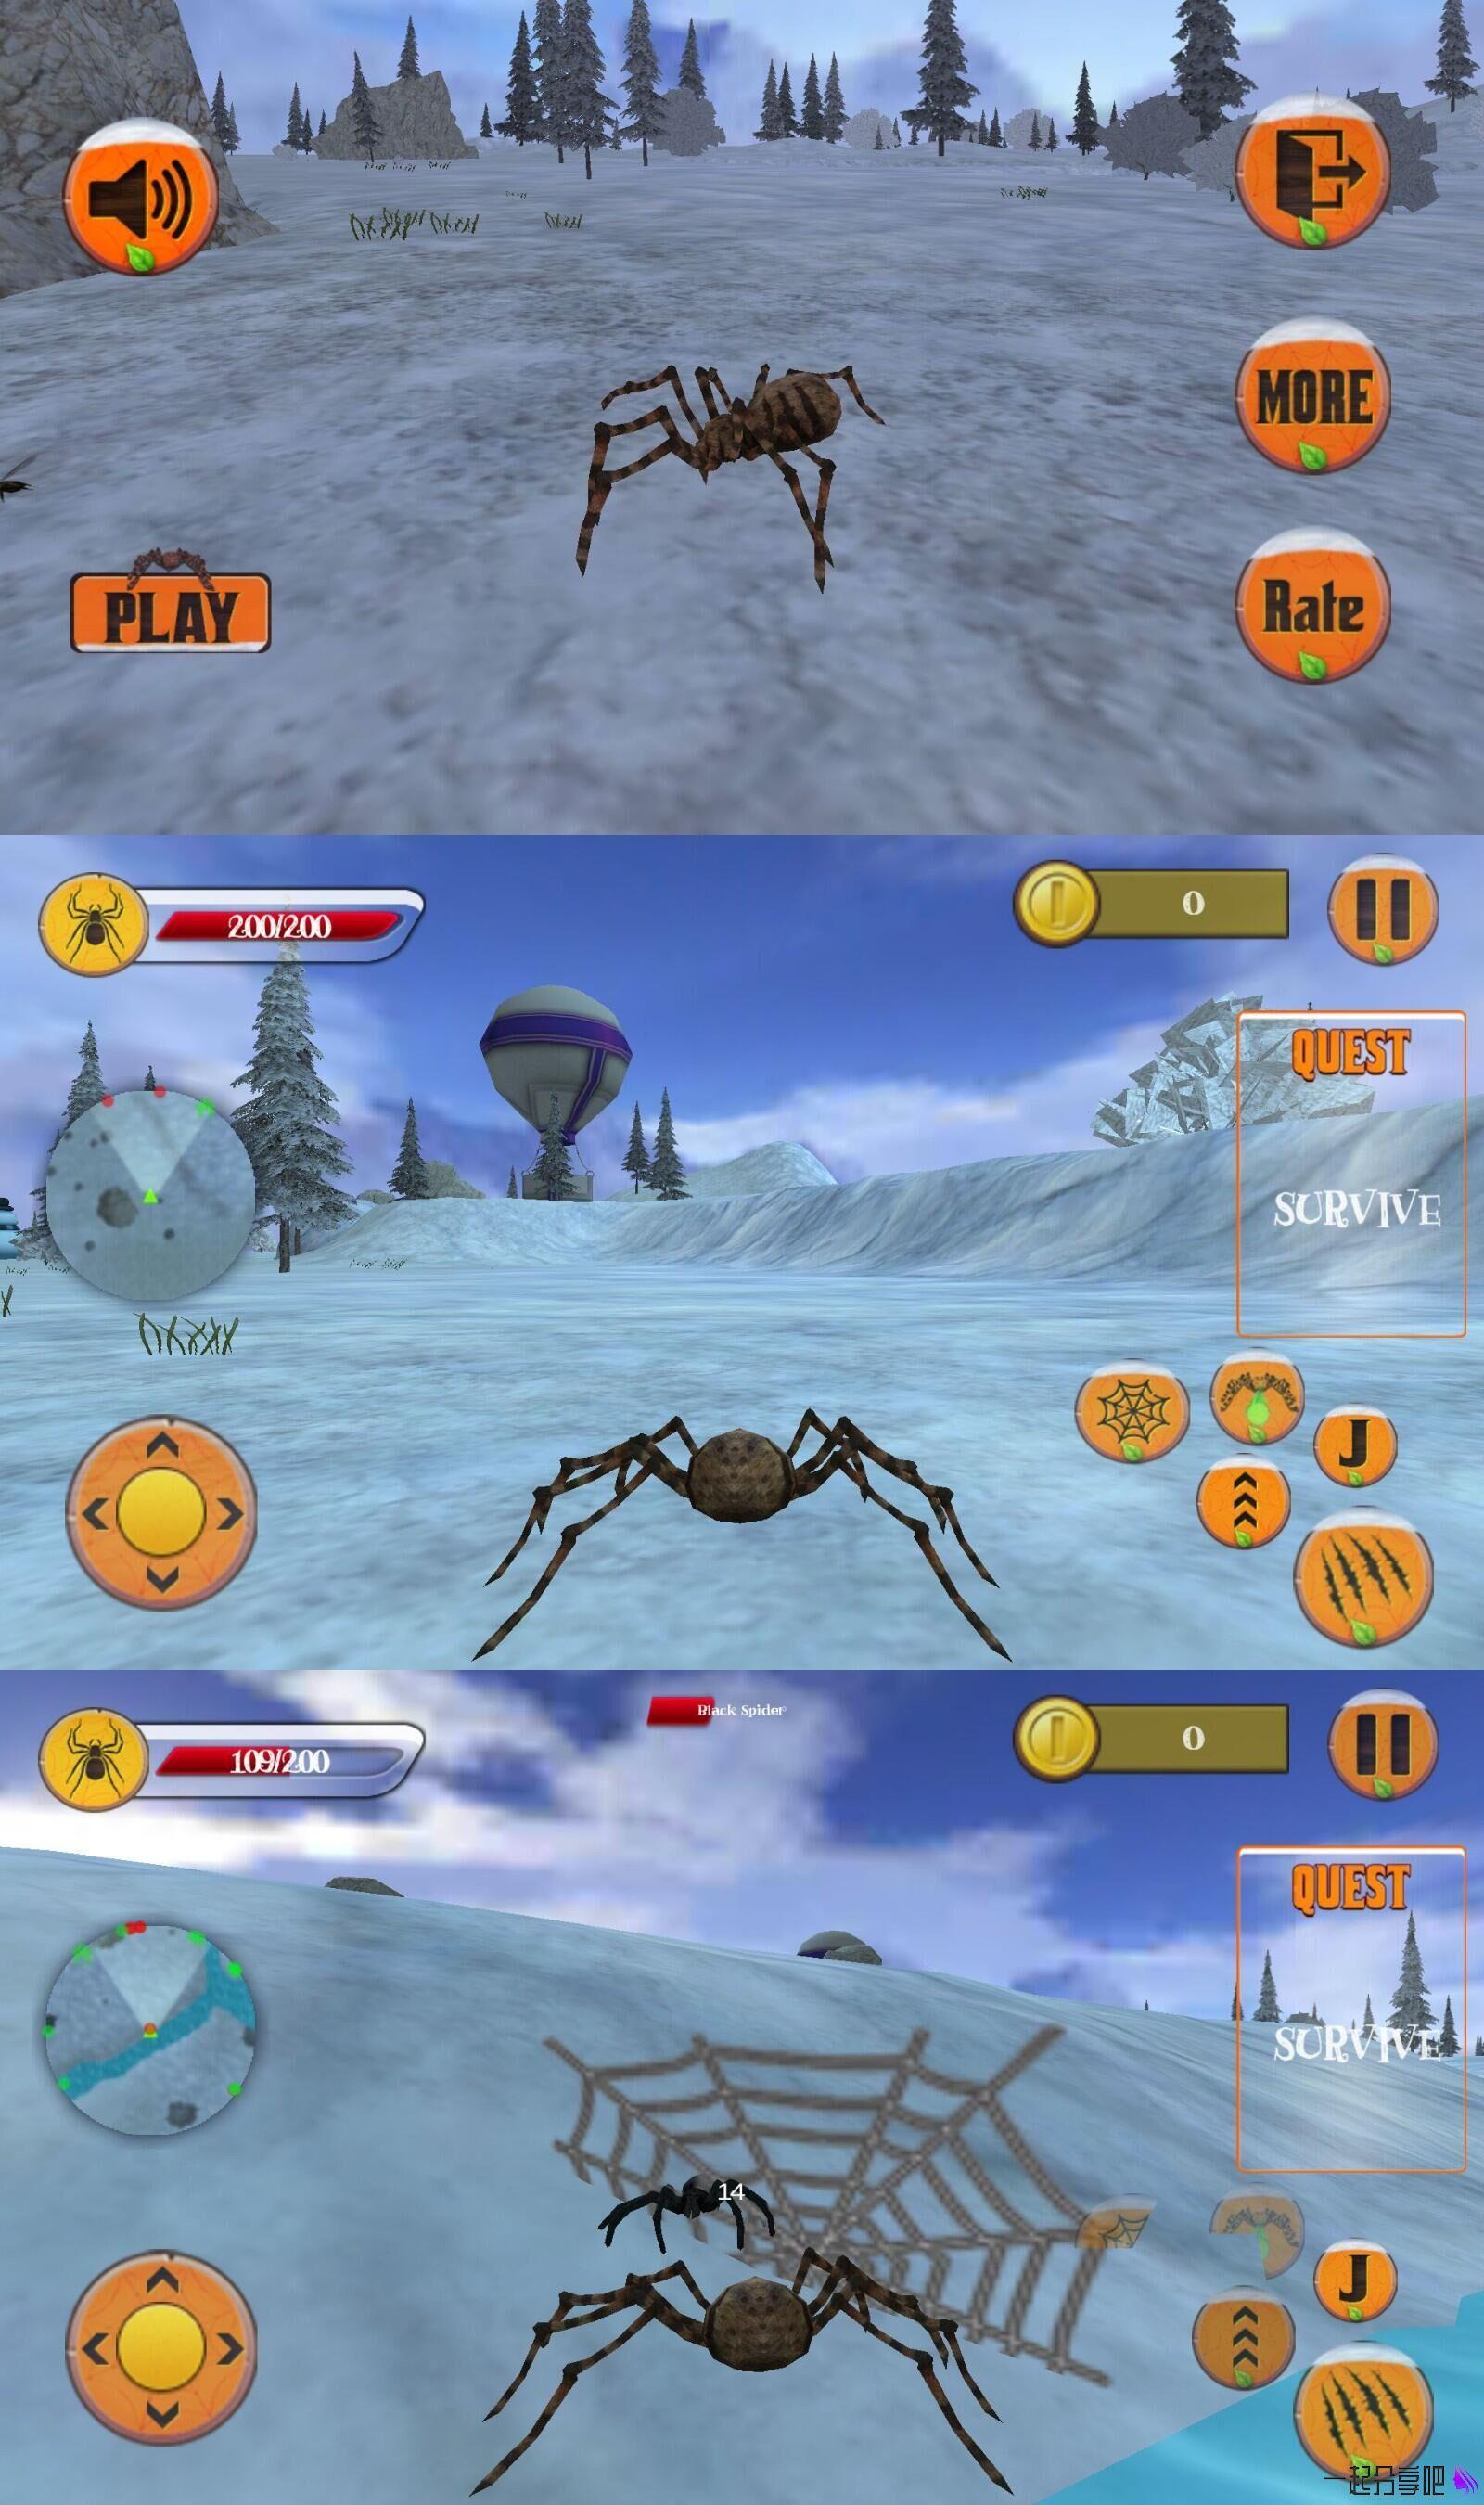 蜘蛛模拟器破解版 模仿动物捕食过程的3D动作类游戏 第1张